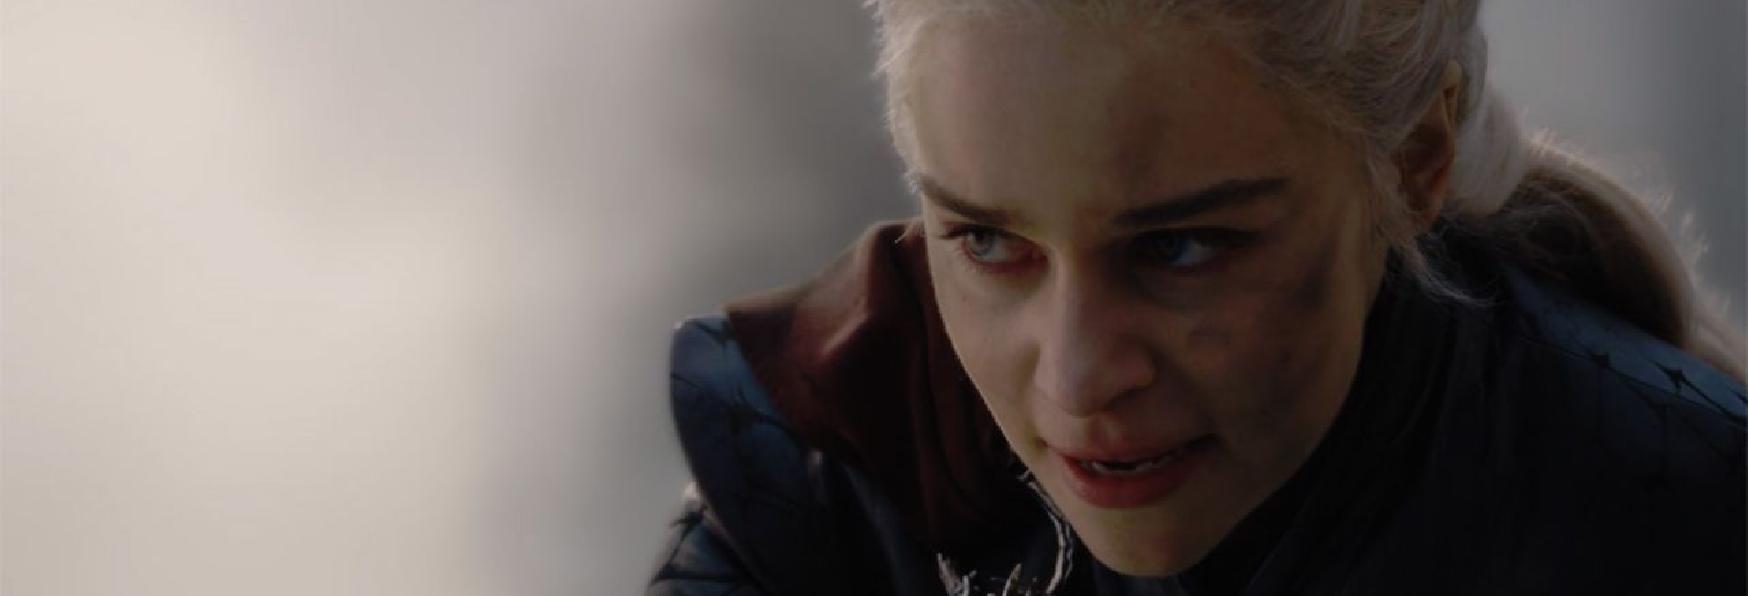 Game of Thrones 8: tutti gli Errori Imperdonabili dell'ultima stagione